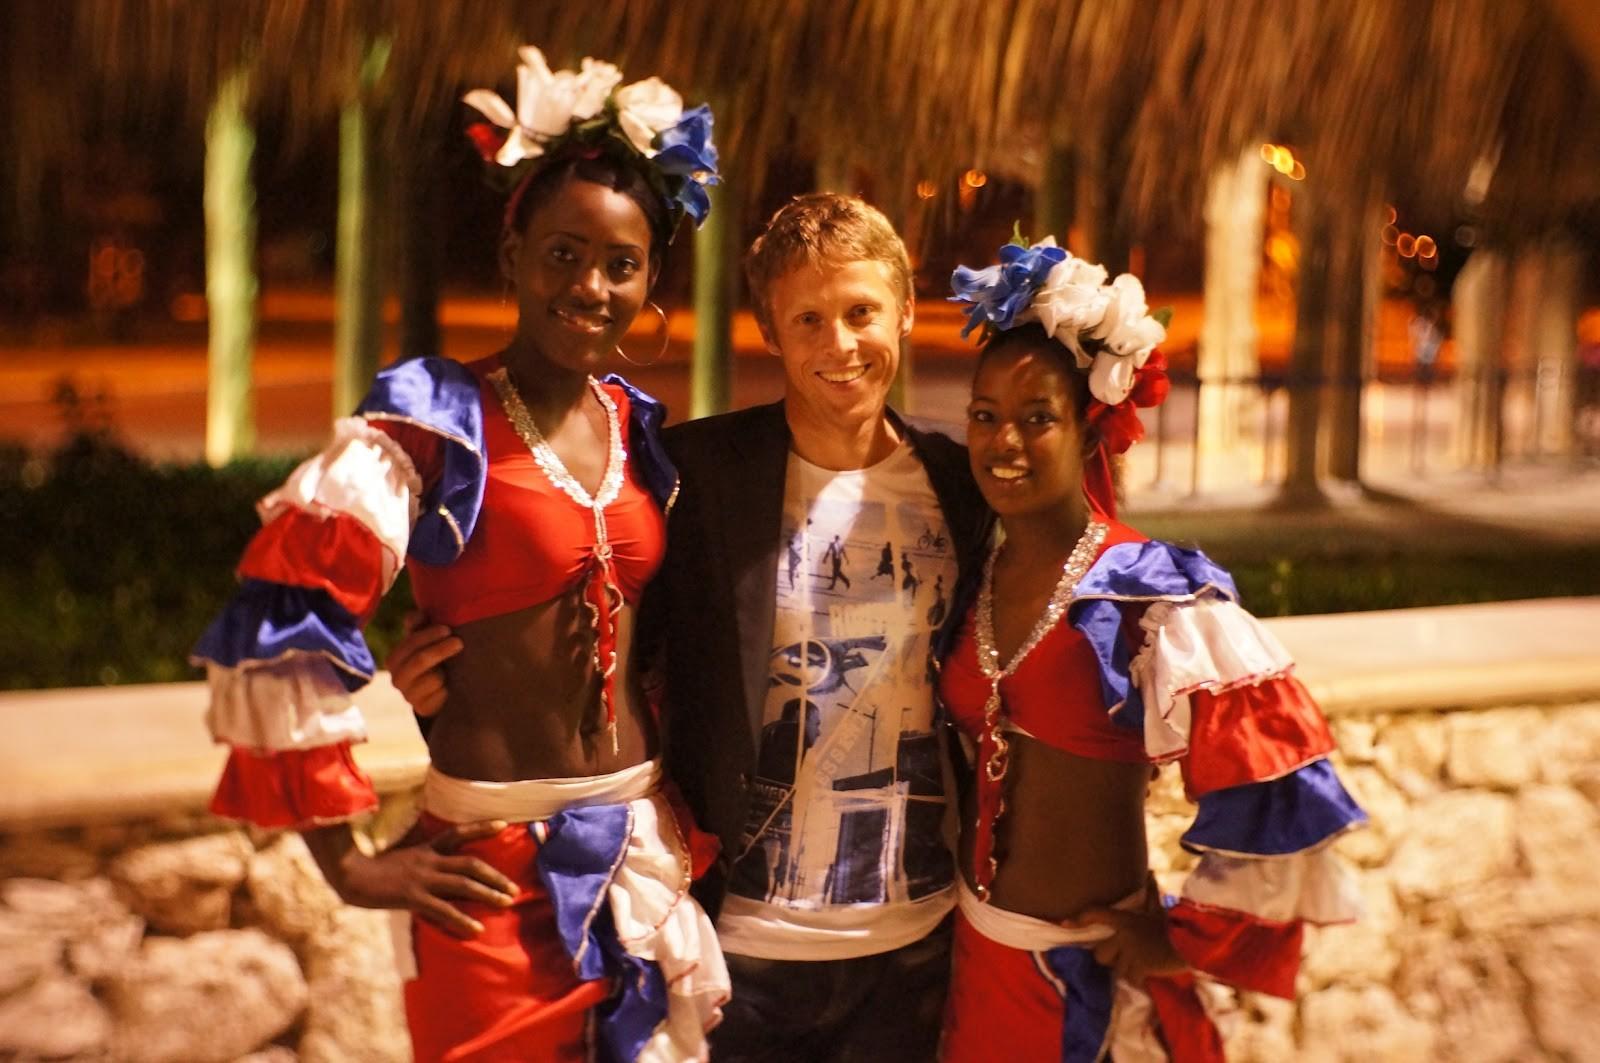 Gunnar Garfors em Punta Cana, na República Dominicana (Foto: Adelia Television/Divulgação)